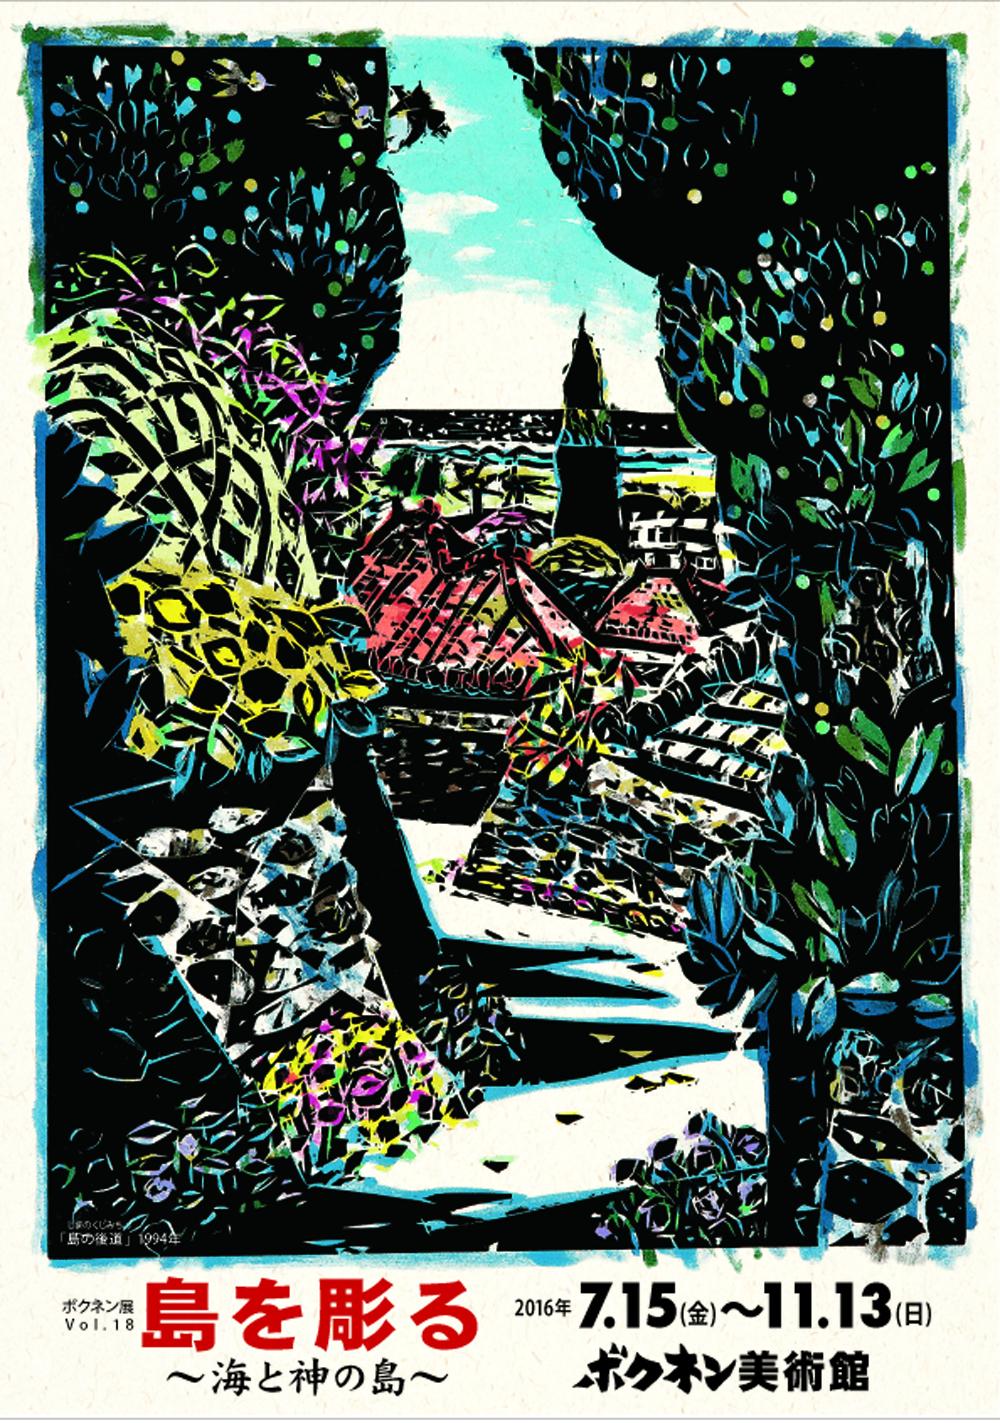 ボクネン展vol.18「島を彫る」〜海と神の島〜…